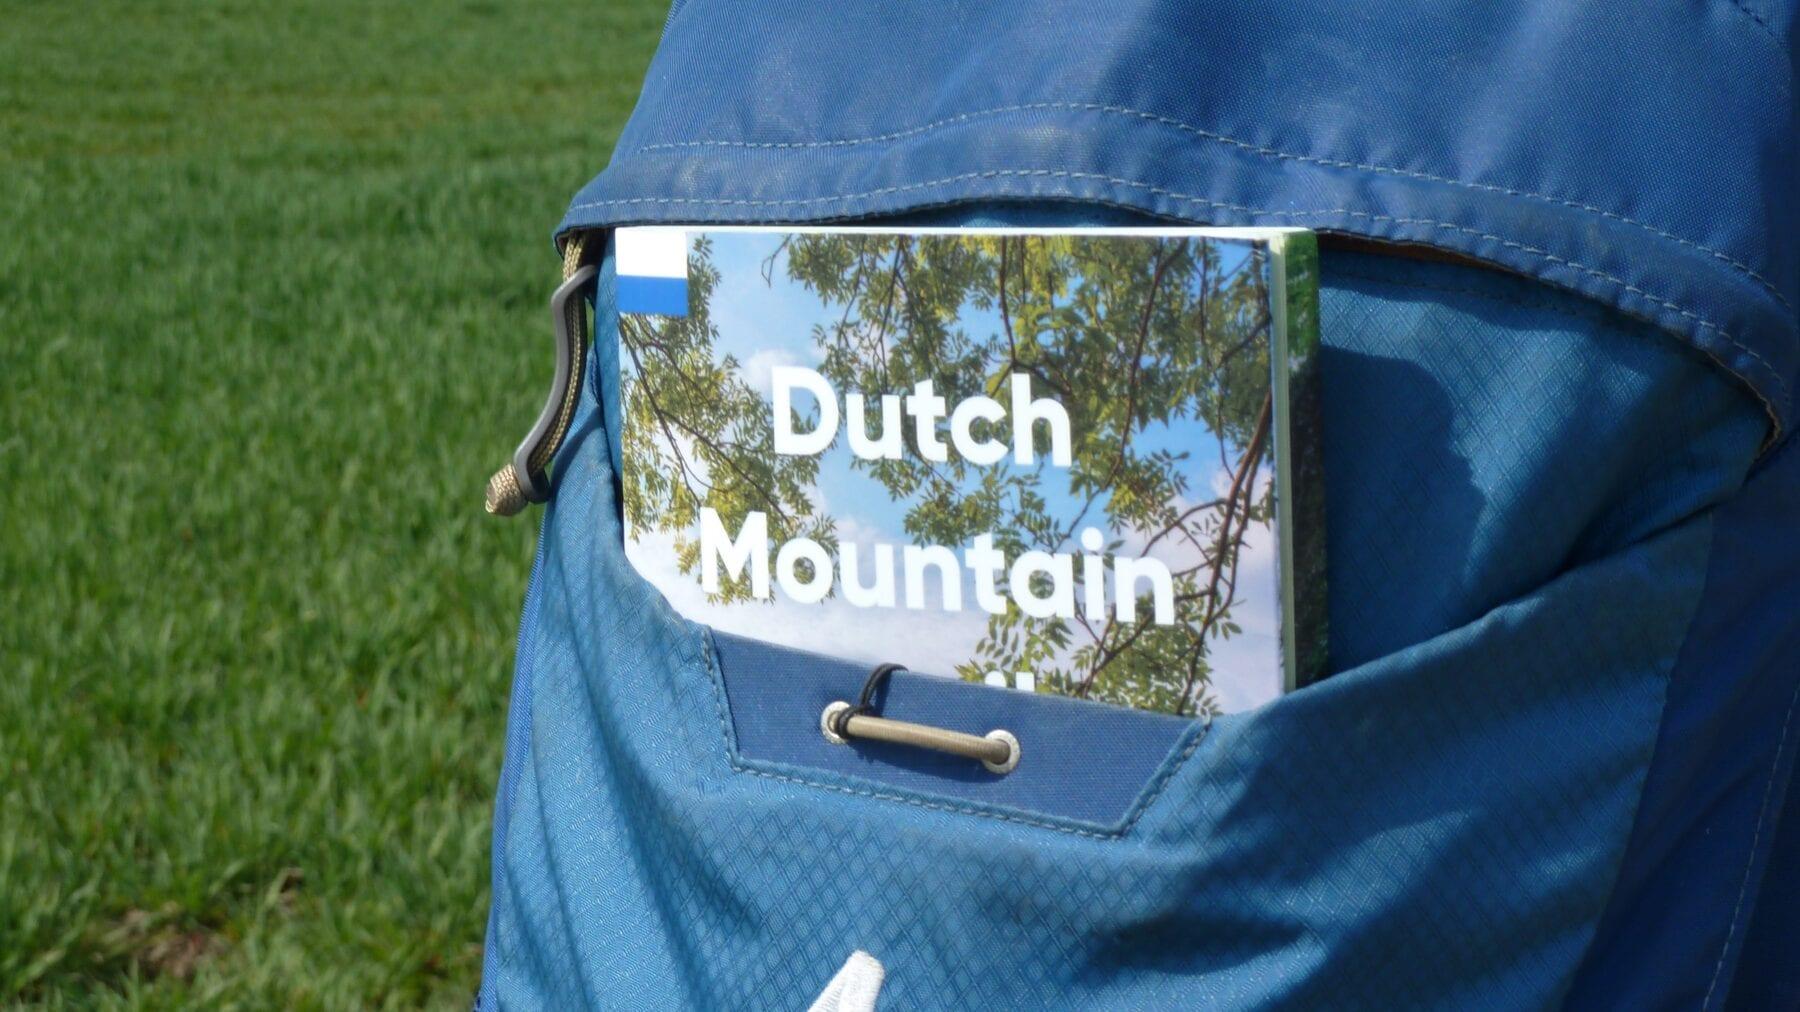 Dutch Mountain Trail